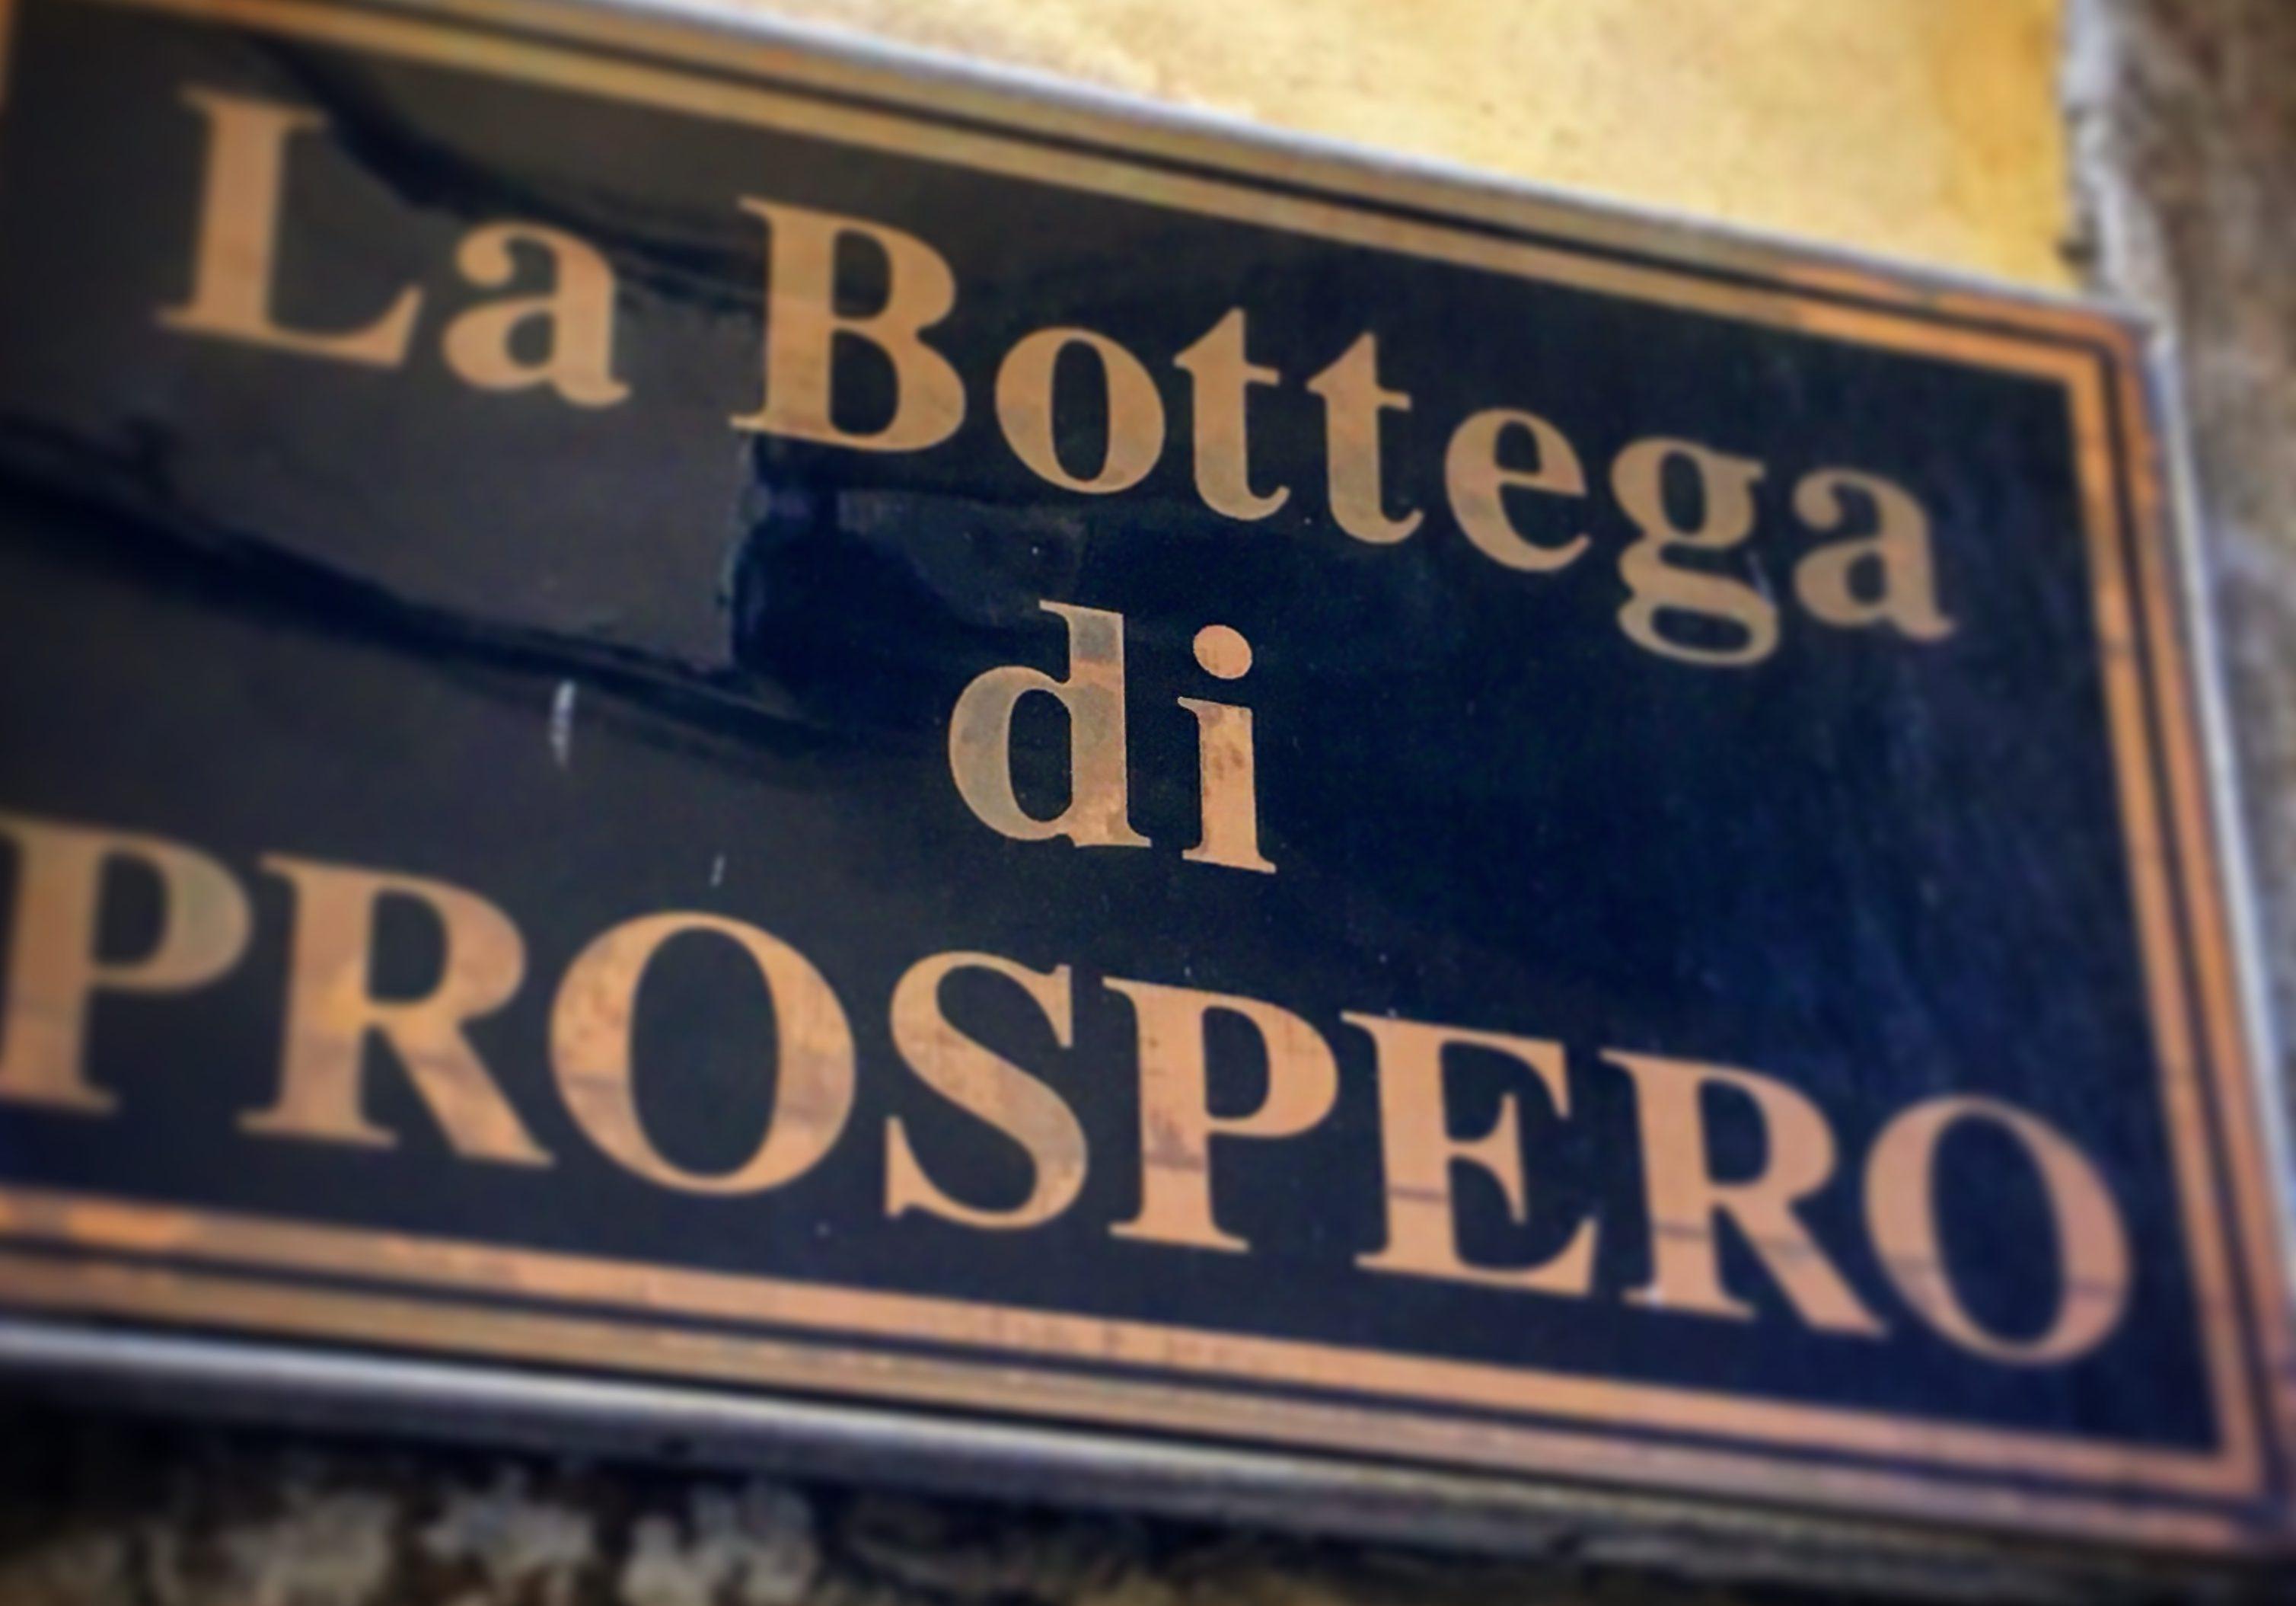 Antica Bottega di PROSPERO – Lucca